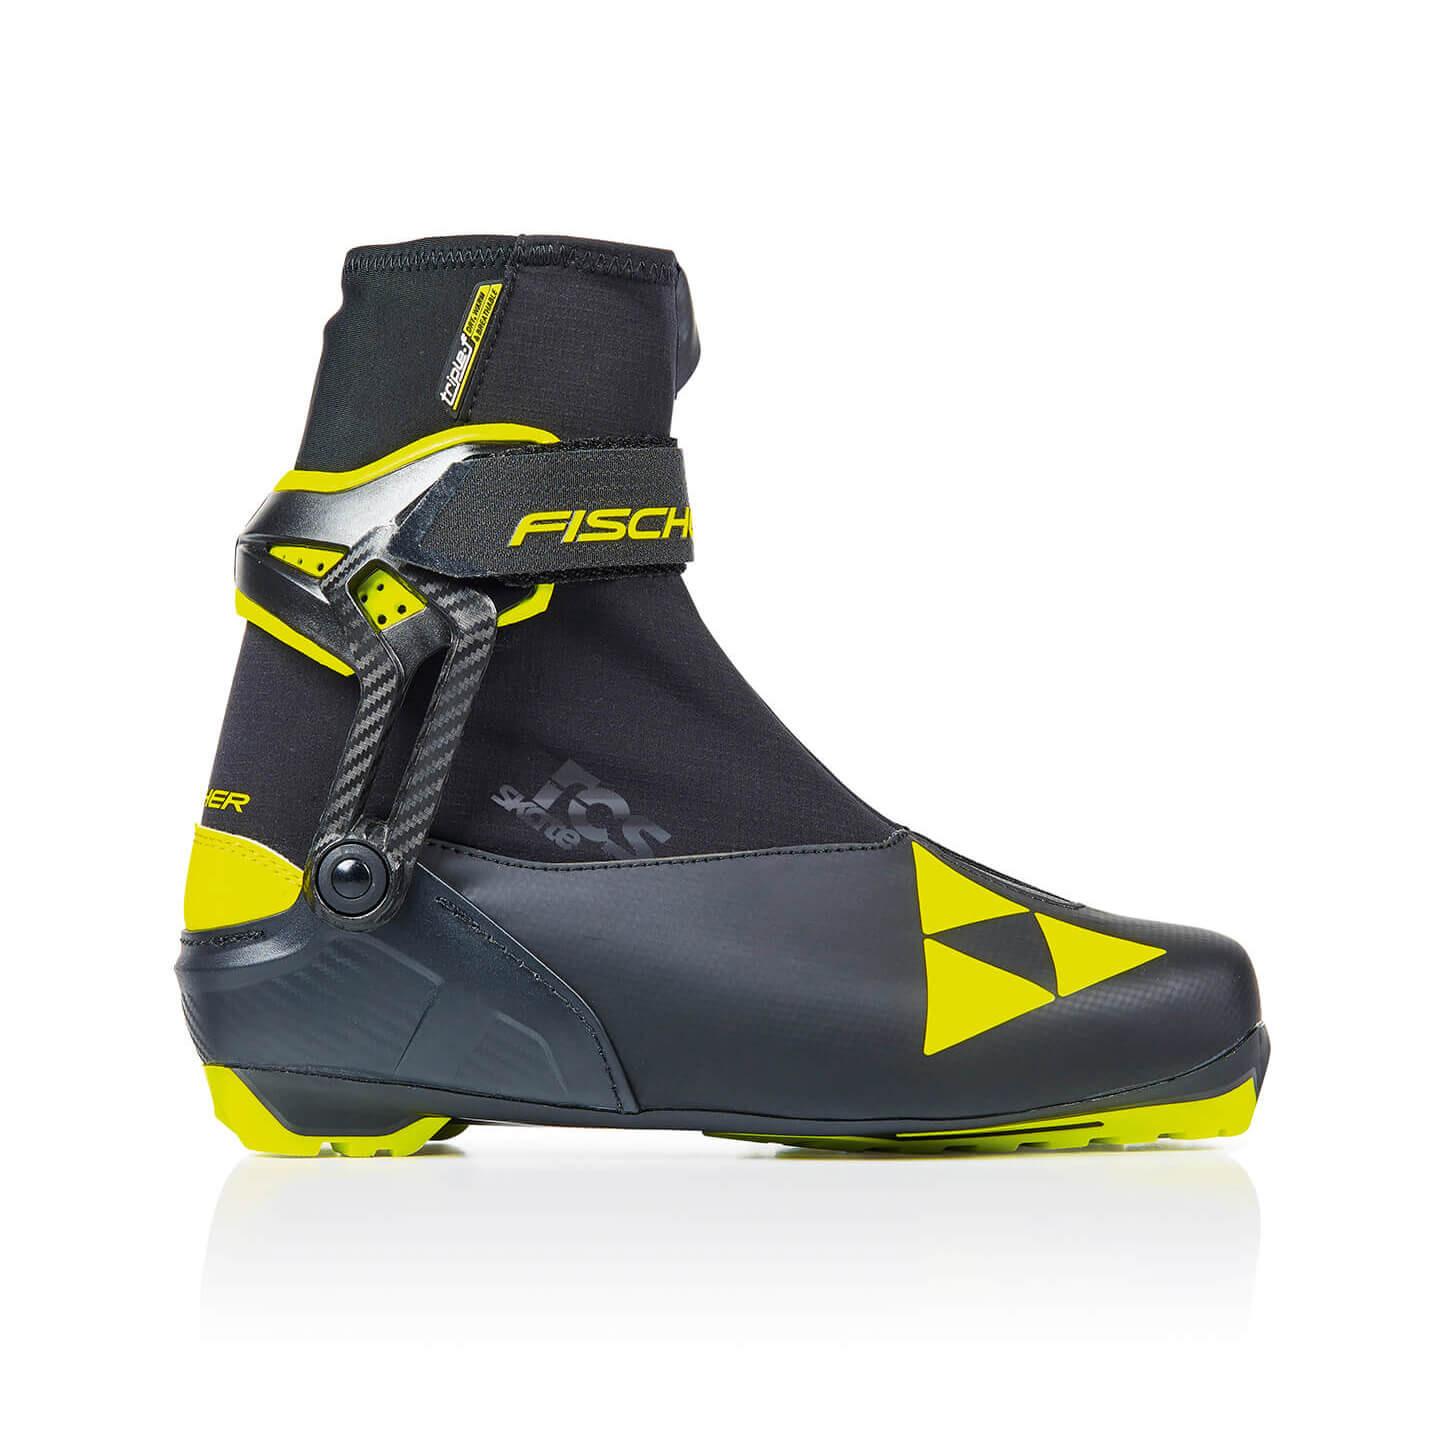 Sportovní běžecké boty Fischer RCS Skate